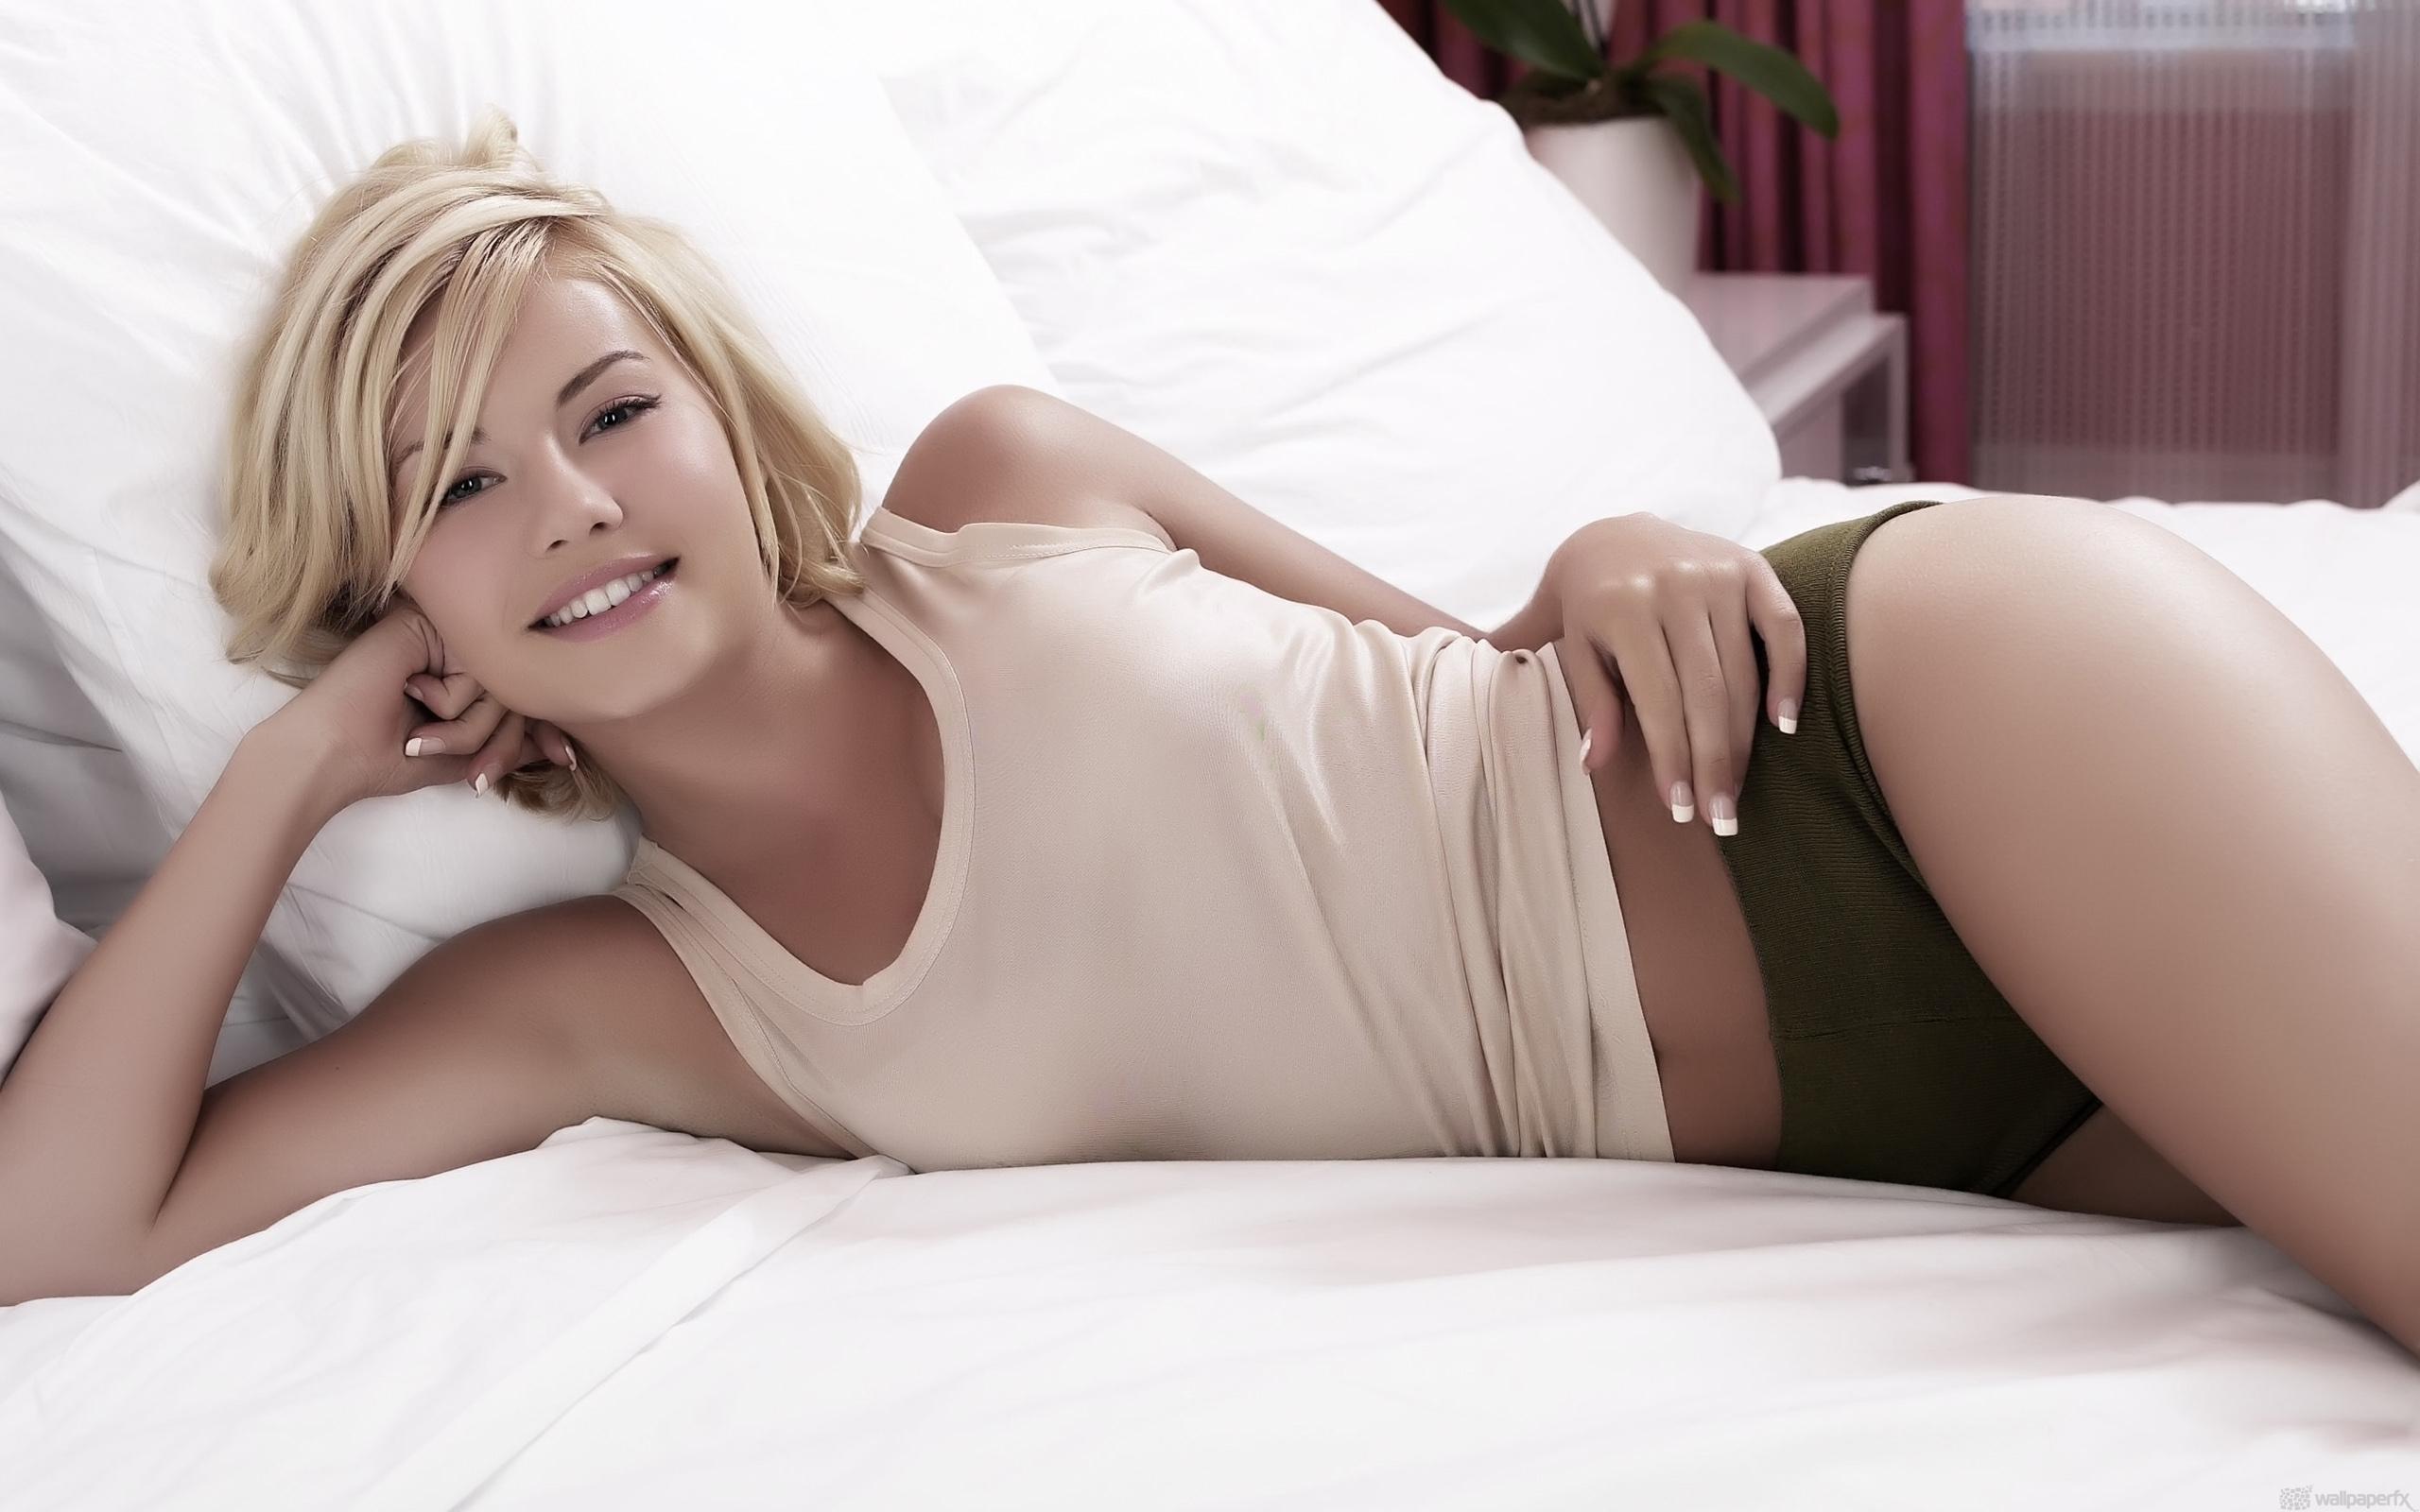 Кудрявая блондинка мастурбирует на кровати  697796